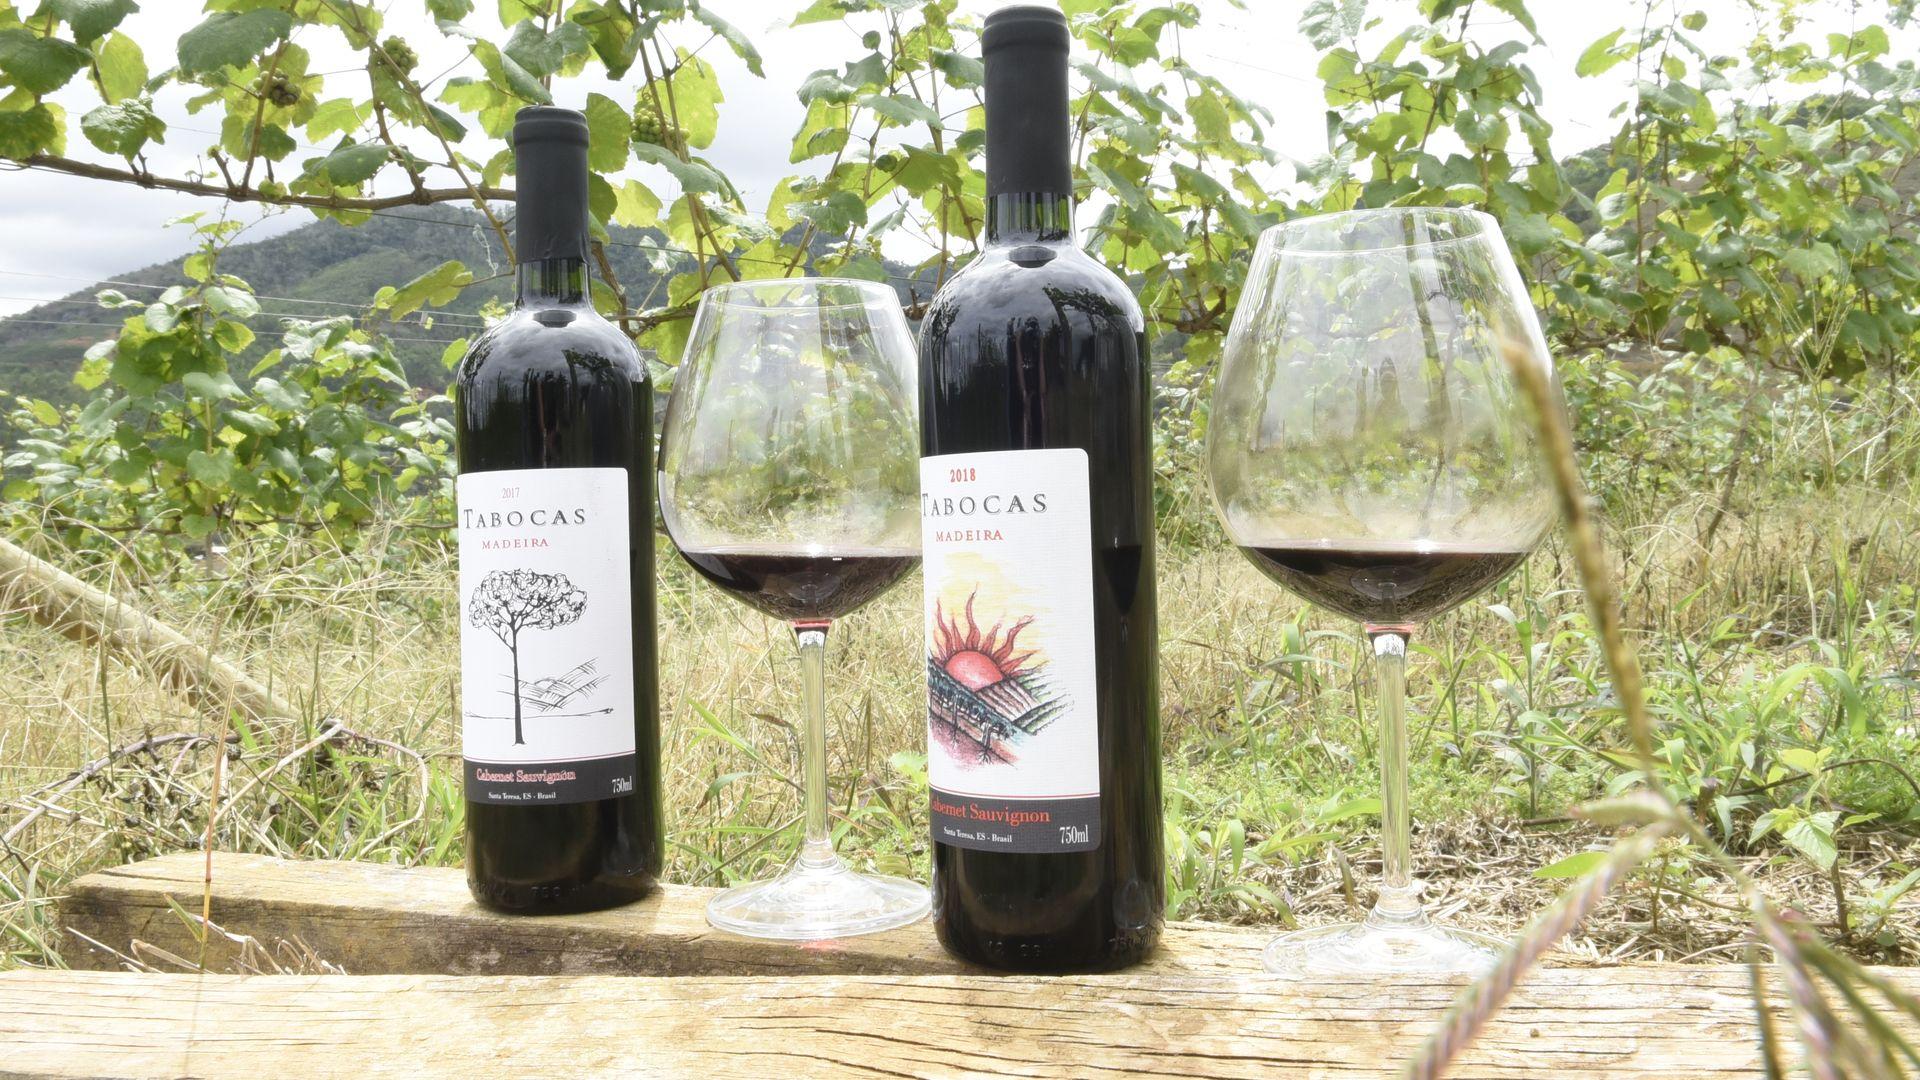 Vinícola Taoca. Produção de vinho em Santa Teresa. Primeira vinícola a elaborar vinho fino, o Tabocas